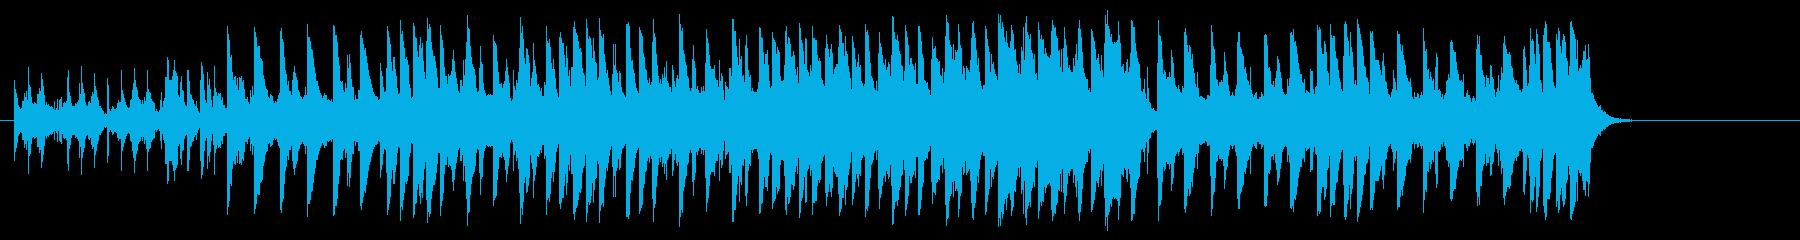 困る赤ちゃんを描いたコミカルポップの再生済みの波形